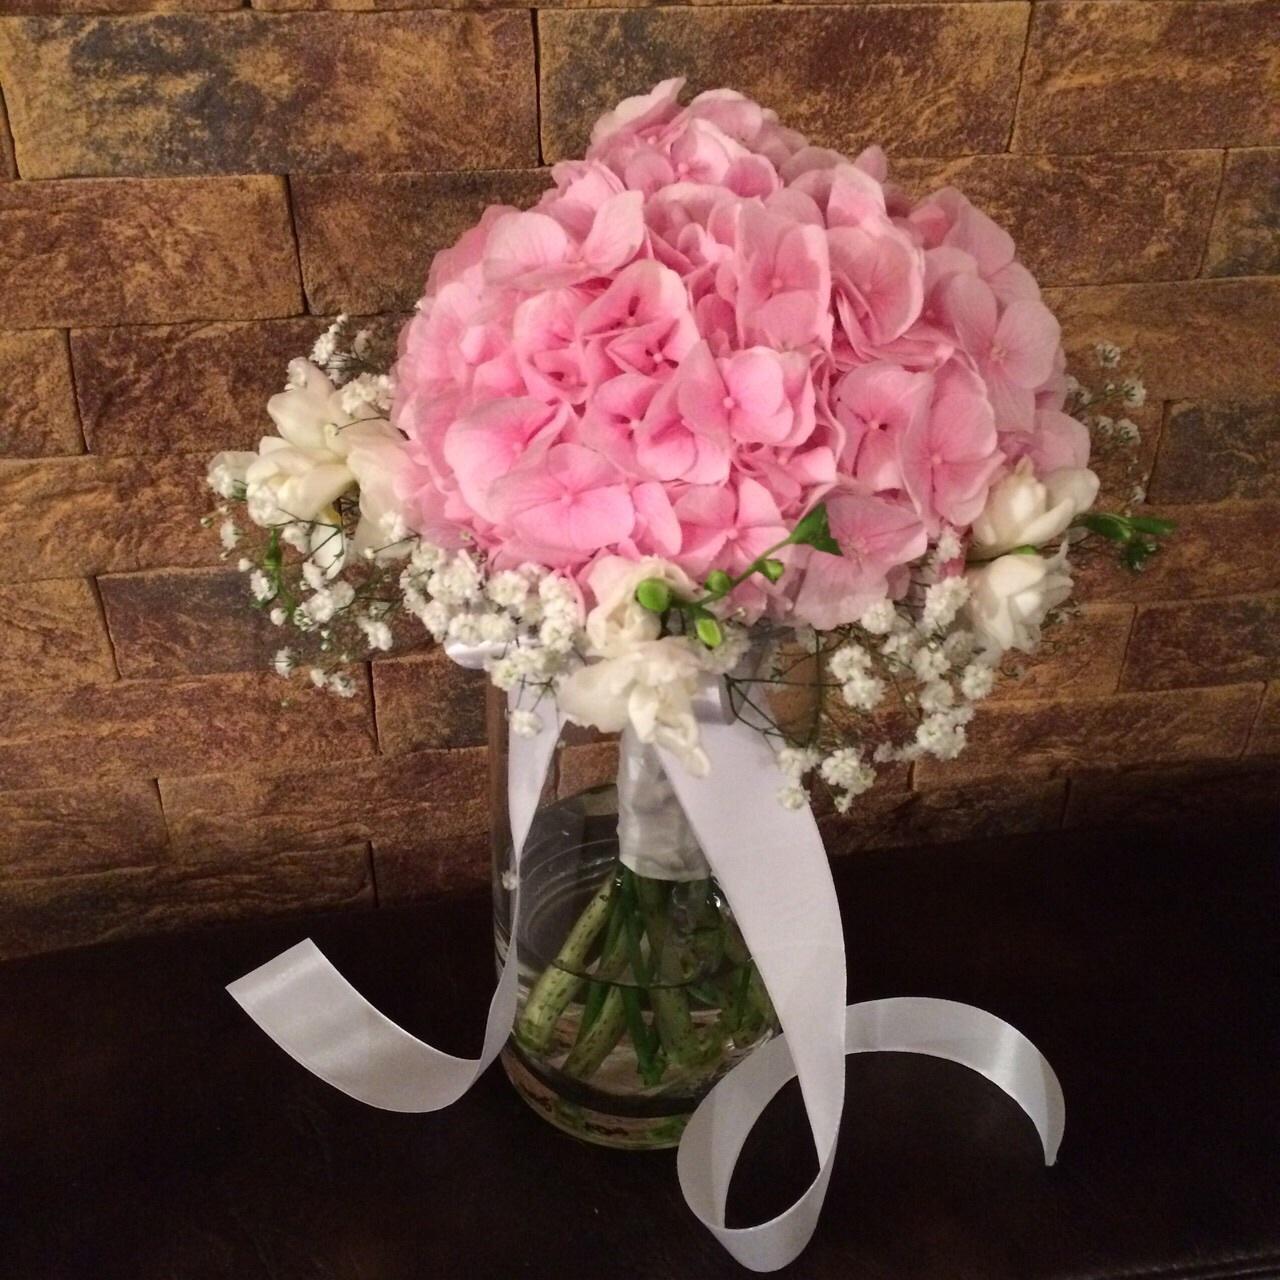 Paulína{{_AND_}}Tomáš - Moje svatební kytice .... vysněná a jednoduše krásná ...